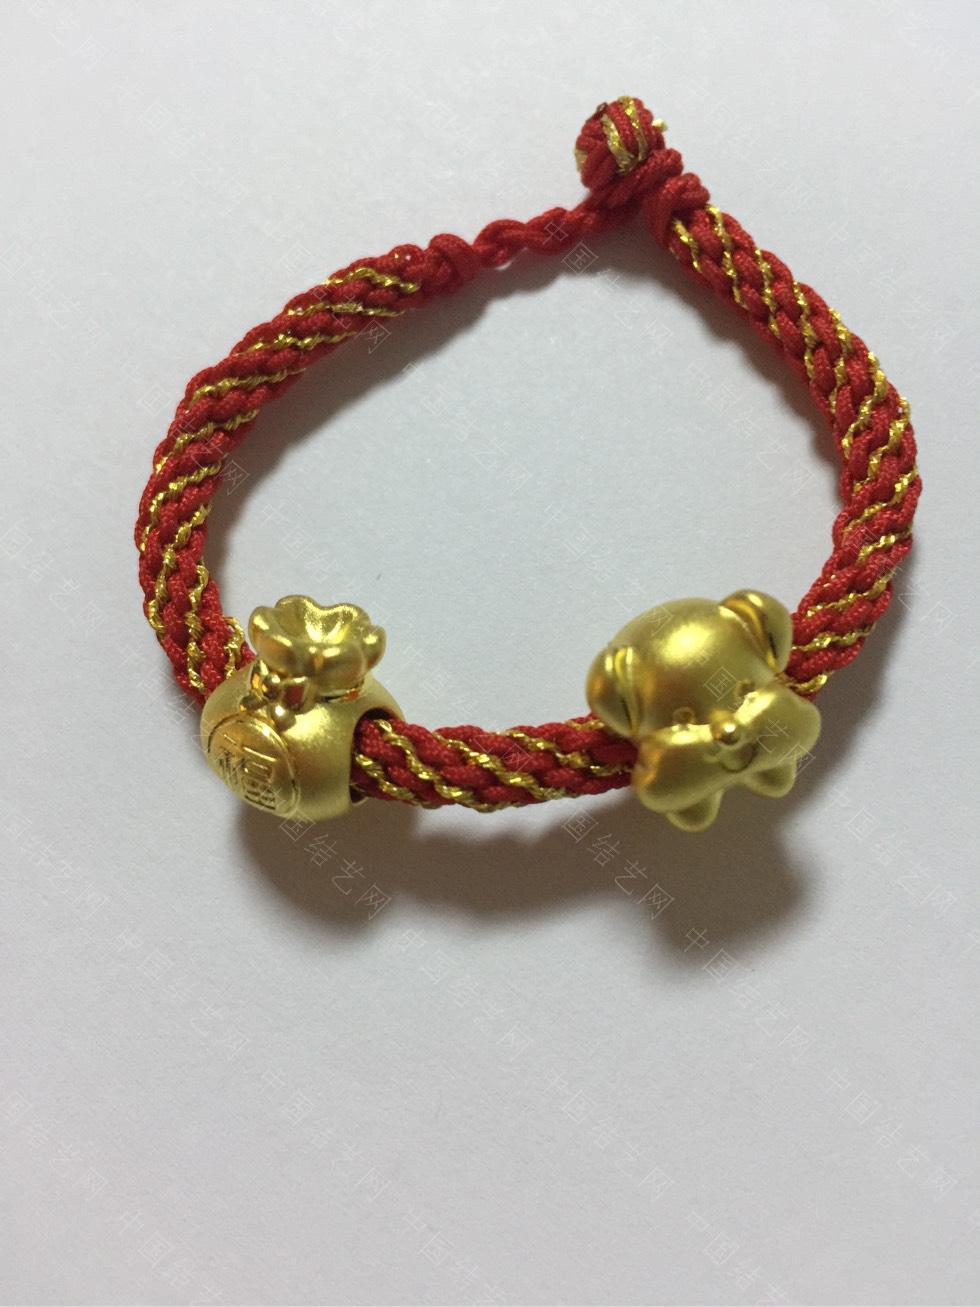 中国结论坛 给宝贝儿编的手链! 手链,宝贝,宝贝儿,适合编给对象的手链,给男朋友编手链图解 作品展示 183735omwuqq75fswsqw85